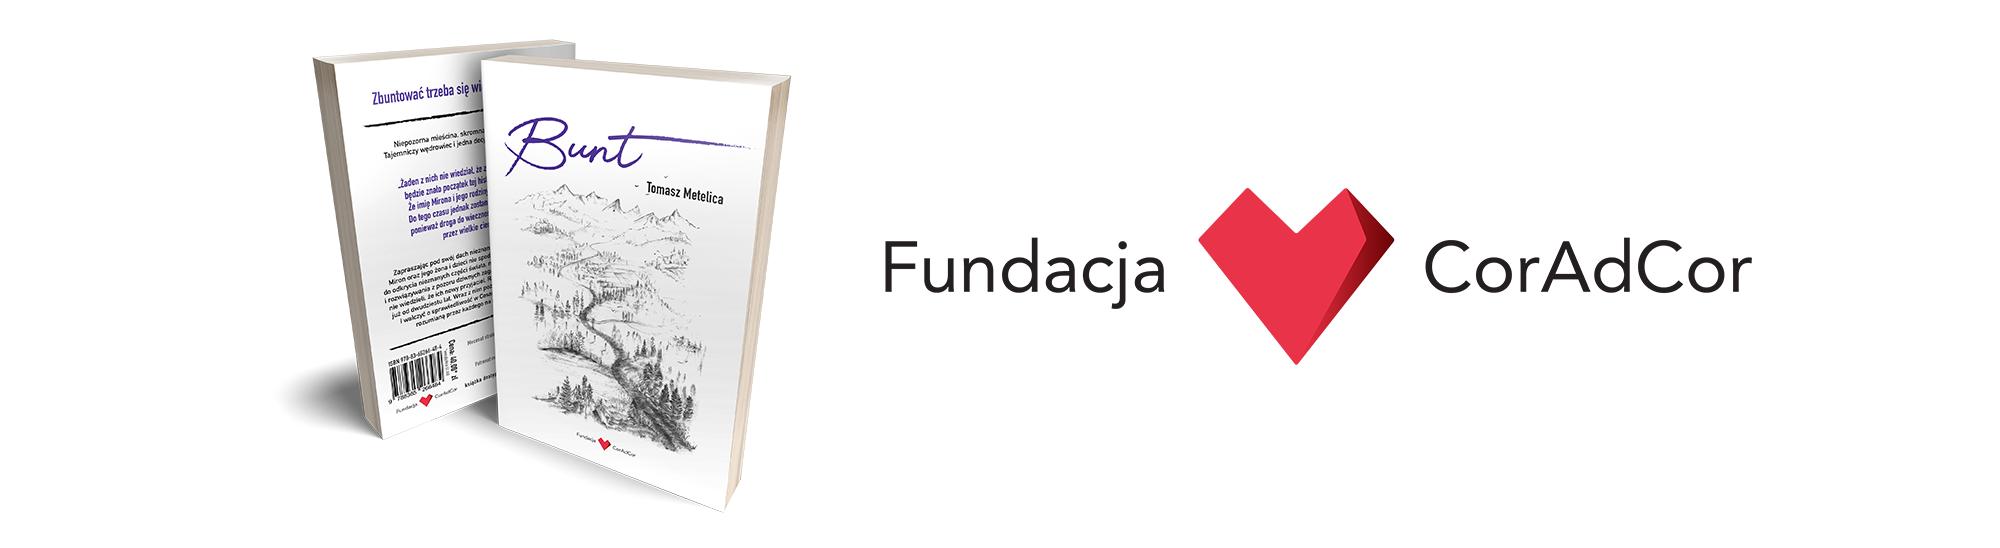 Fundacja CorAdCor